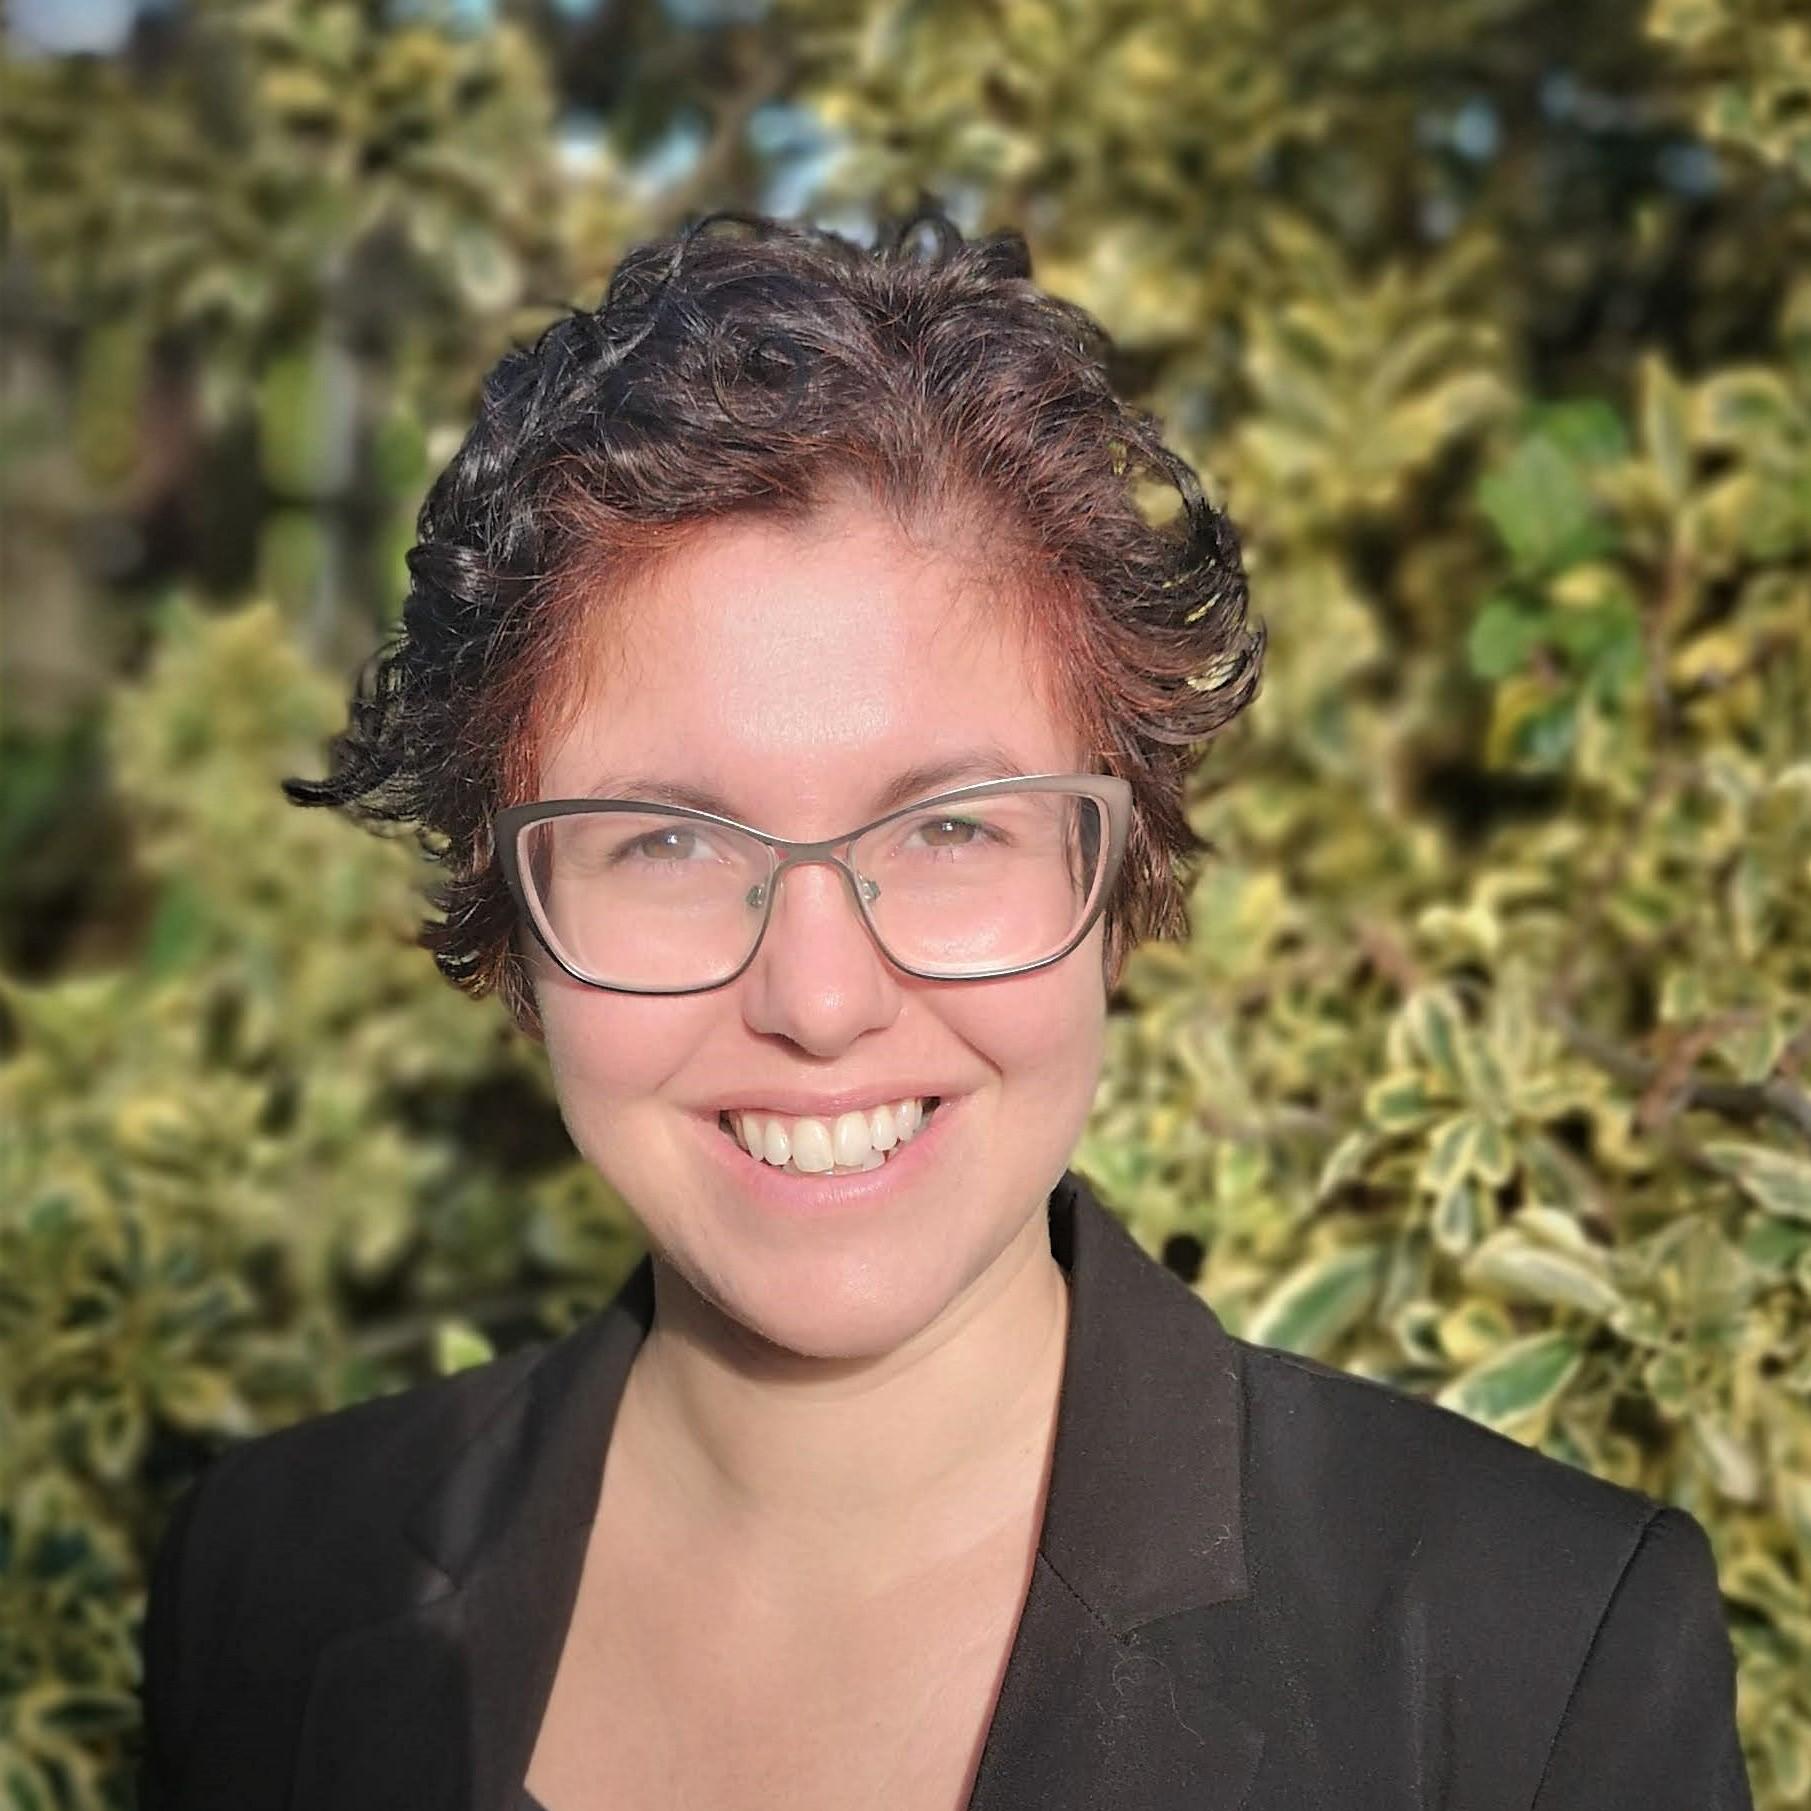 Picture of Sara Graziadio